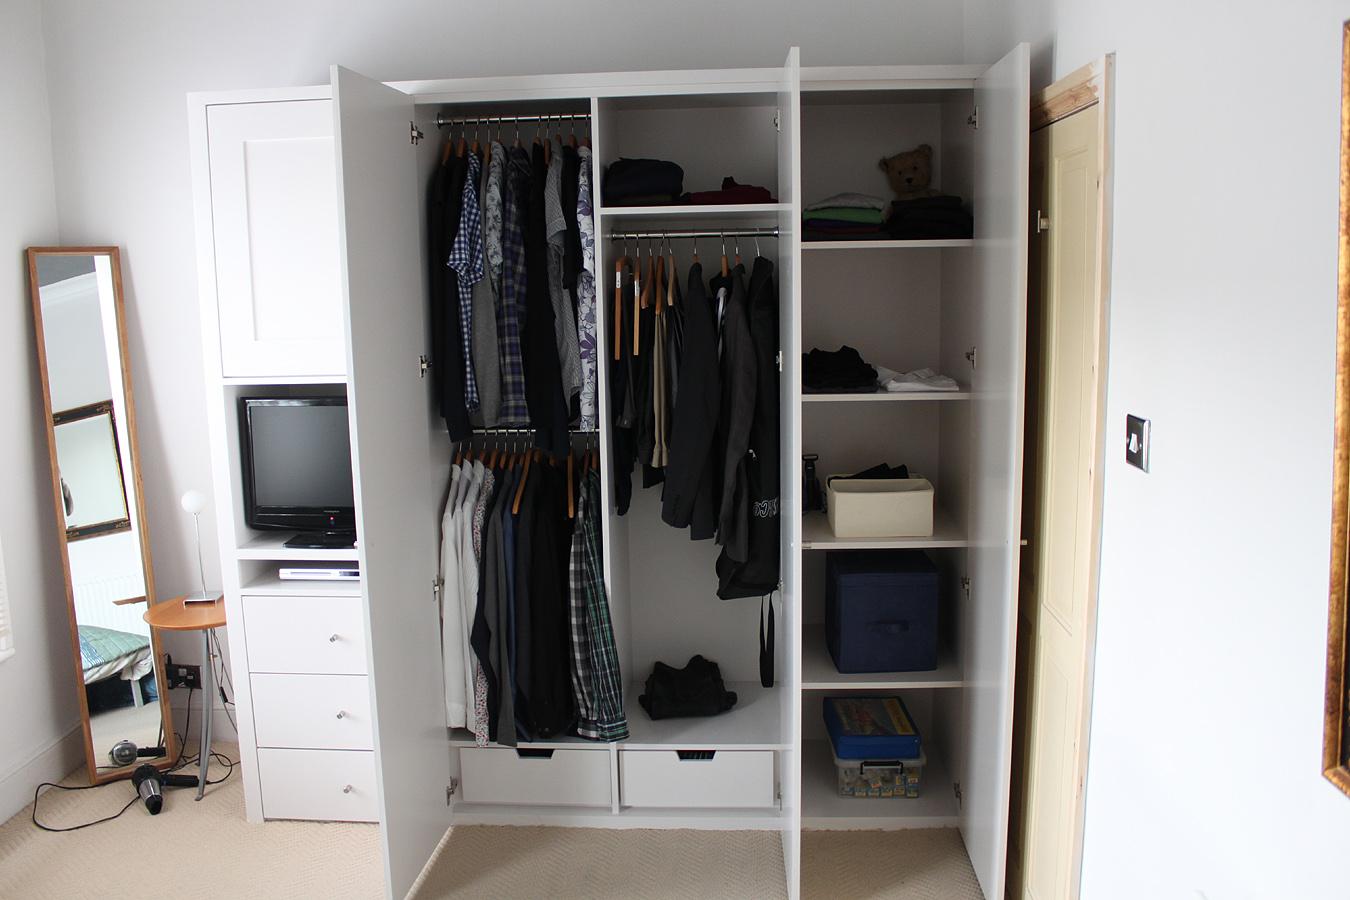 Wardrobe pany Floating shelves boockcase cupboards